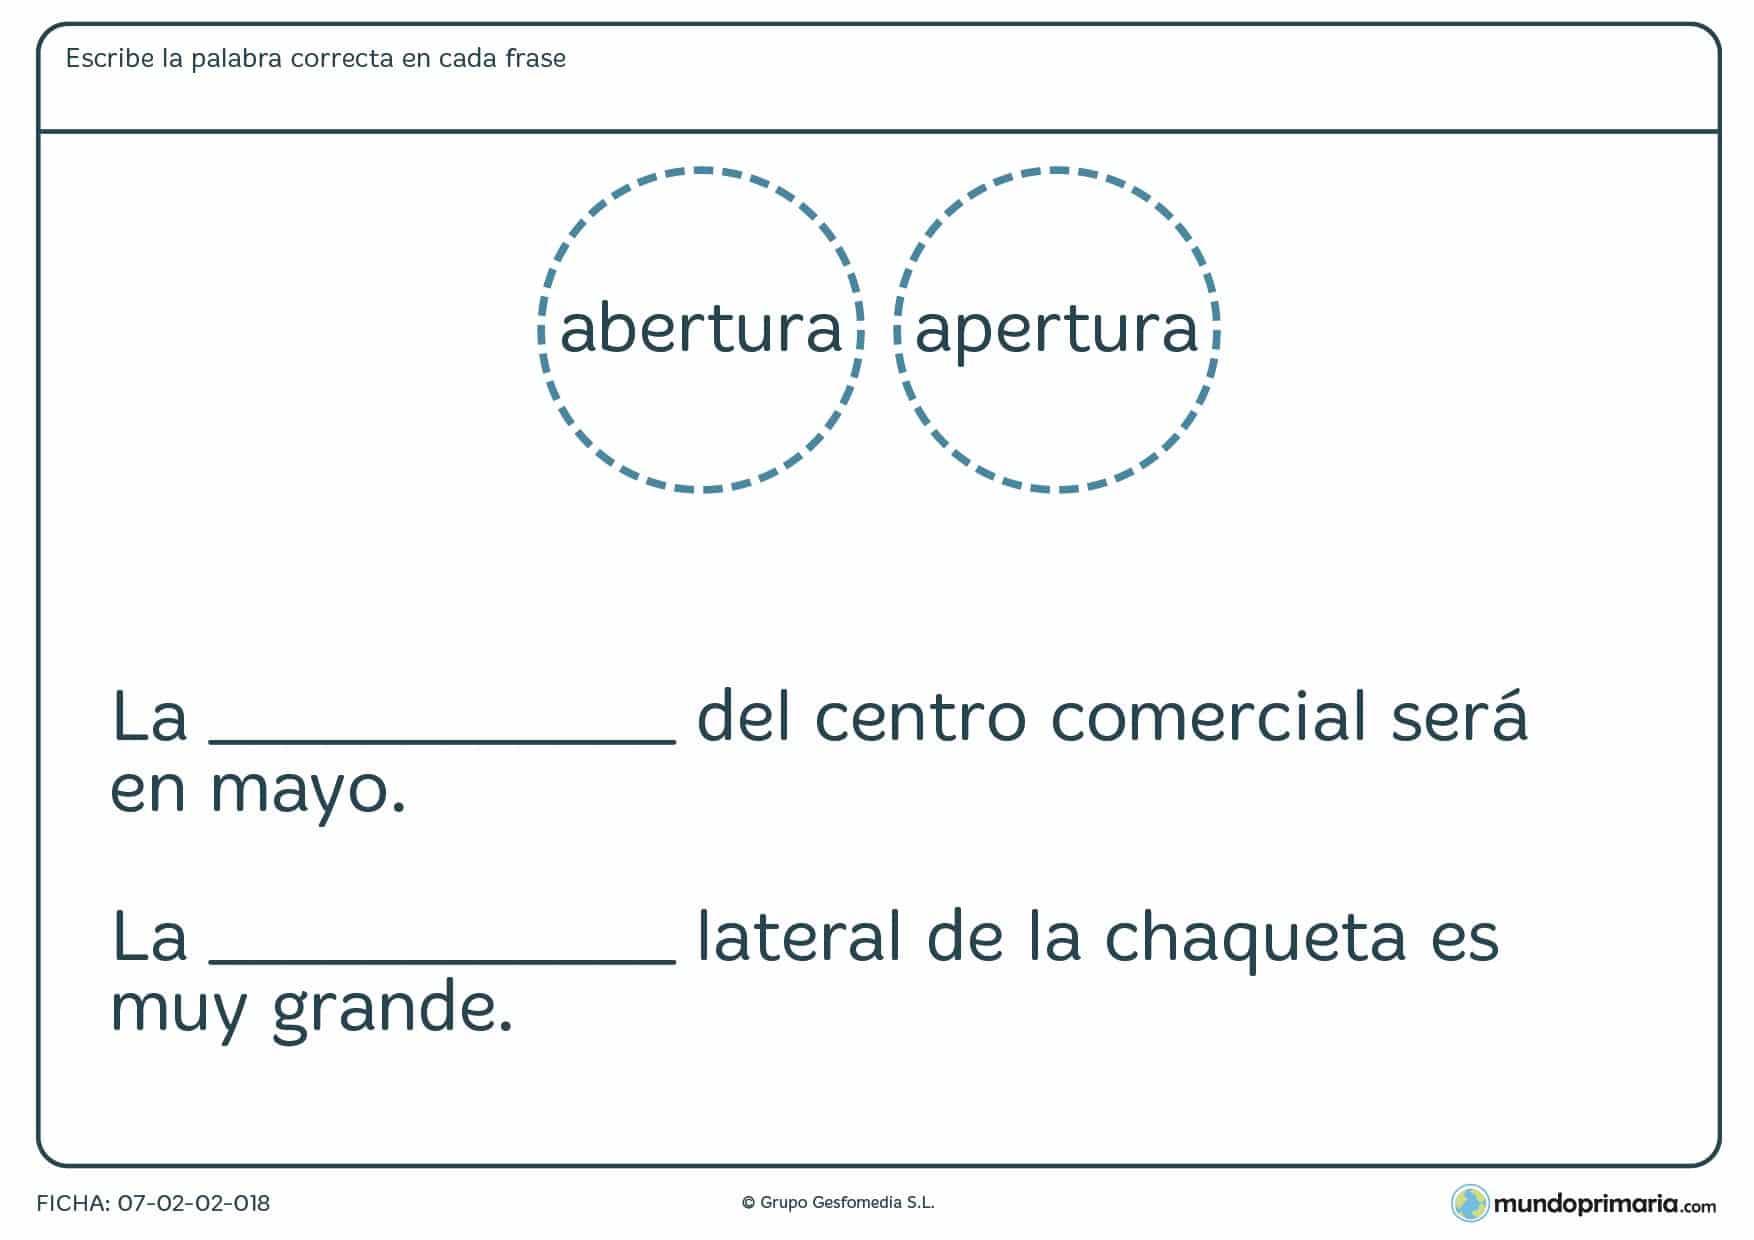 Distinguir las palabras y situarlas en la frase que corresponda